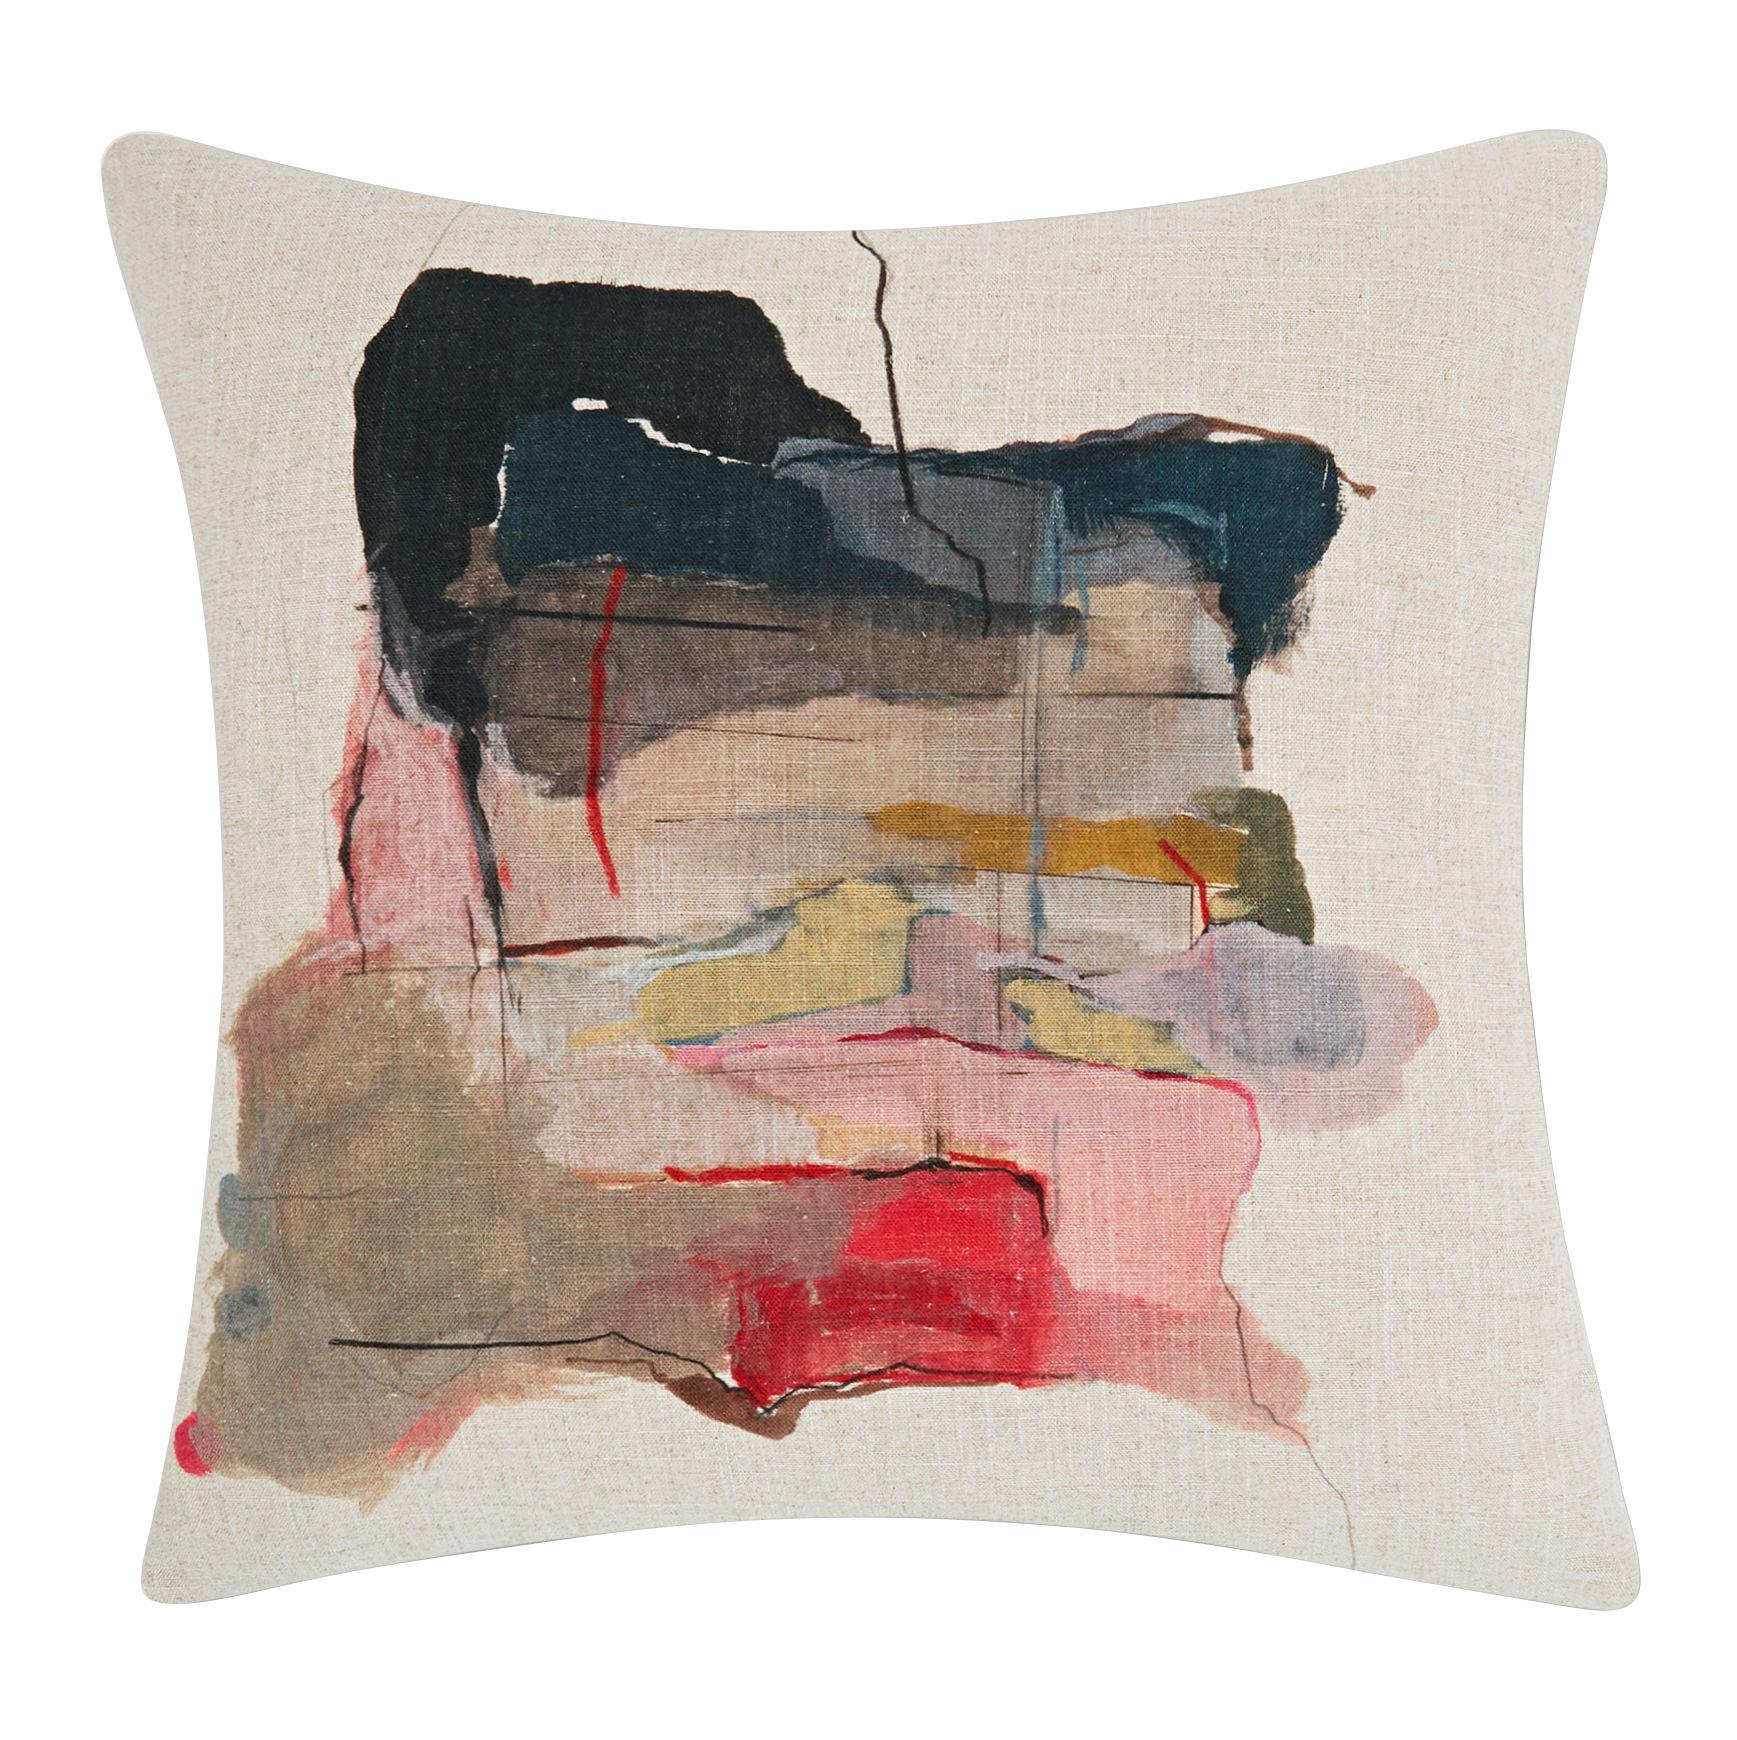 Déco - Coussins - Coussin Paint / 60 × 60 cm - Edition limitée - Tom Dixon - 60 x 60 cm / Rouge & rose - Lin, Viscose